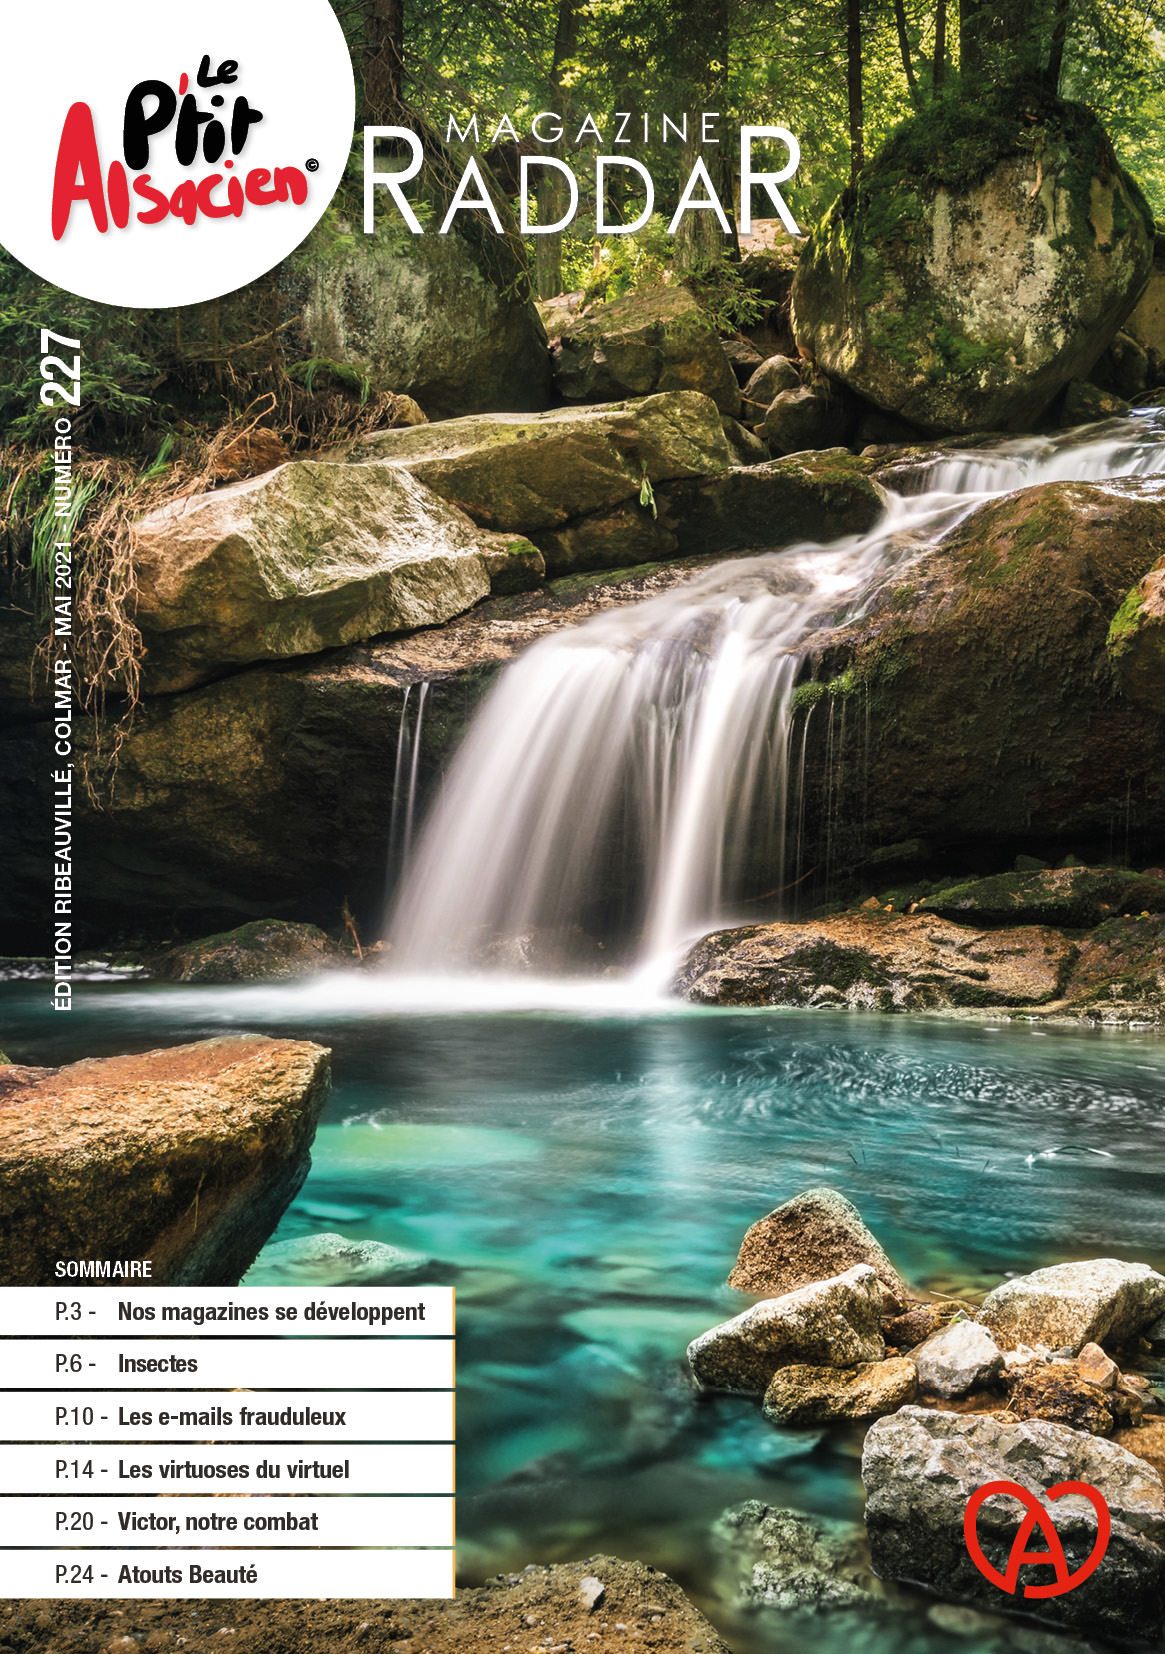 Magazine raddar - mai 2021